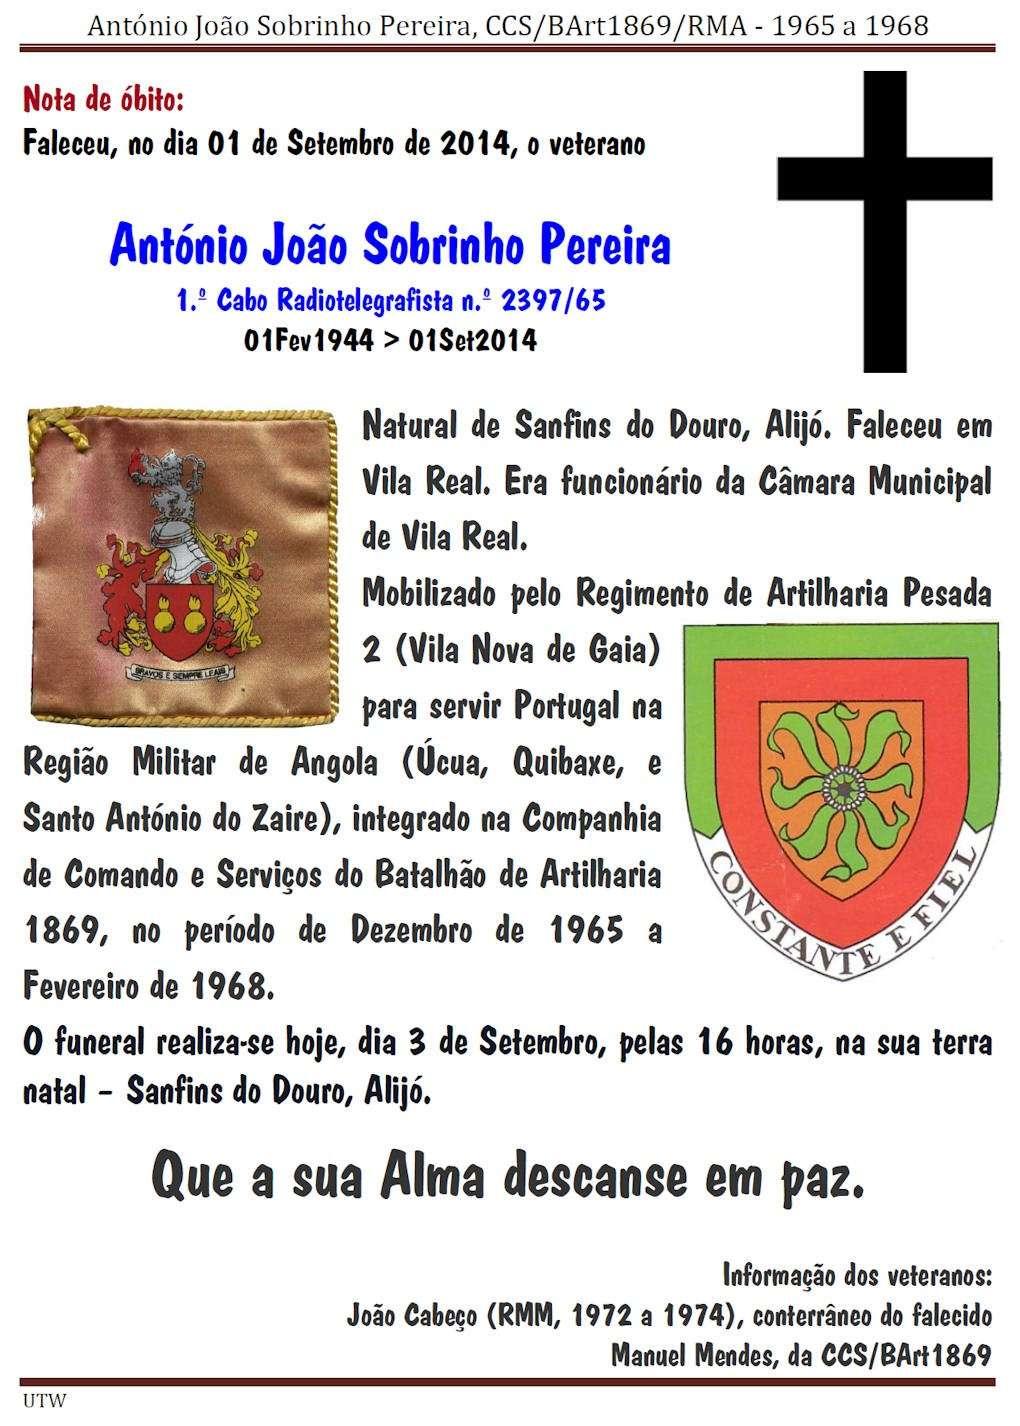 Faleceu o veterano António João Sobrinho Pereira da CCS/BArt1869 - 01Set2014 Antyni10